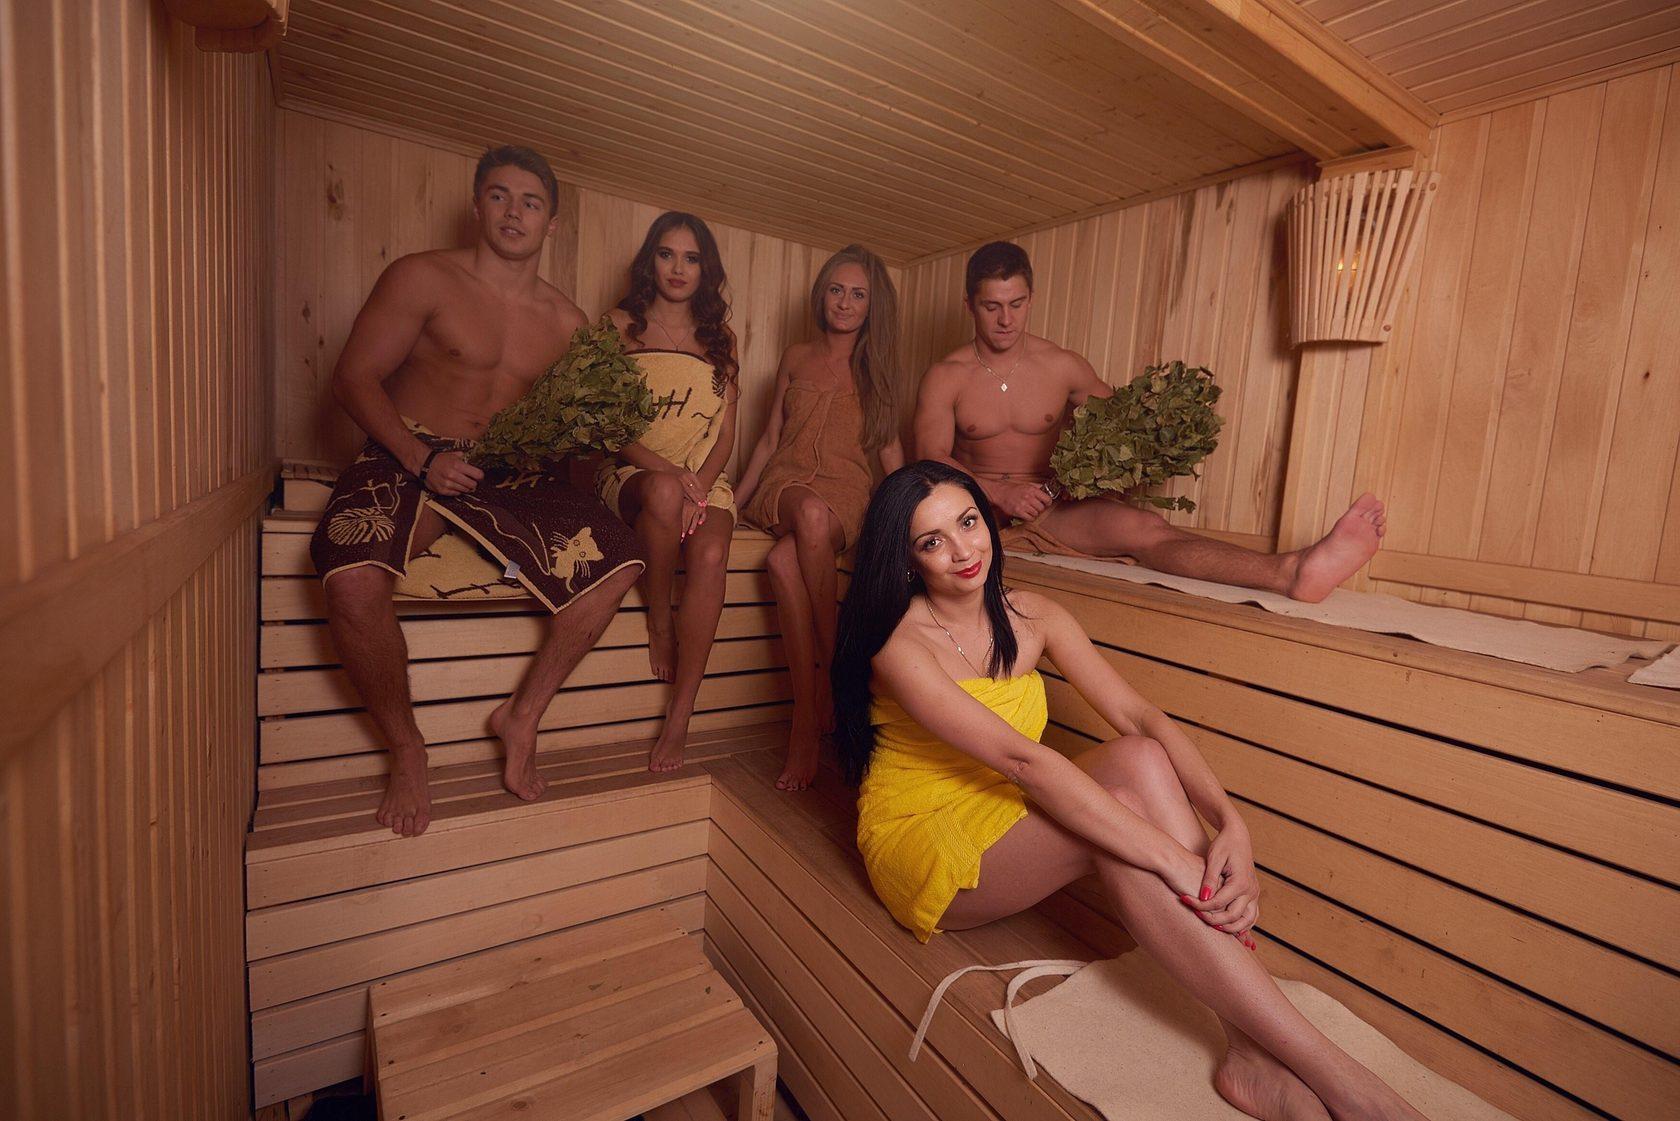 grud-sauni-v-kazani-s-devushkami-telefon-kroshechnie